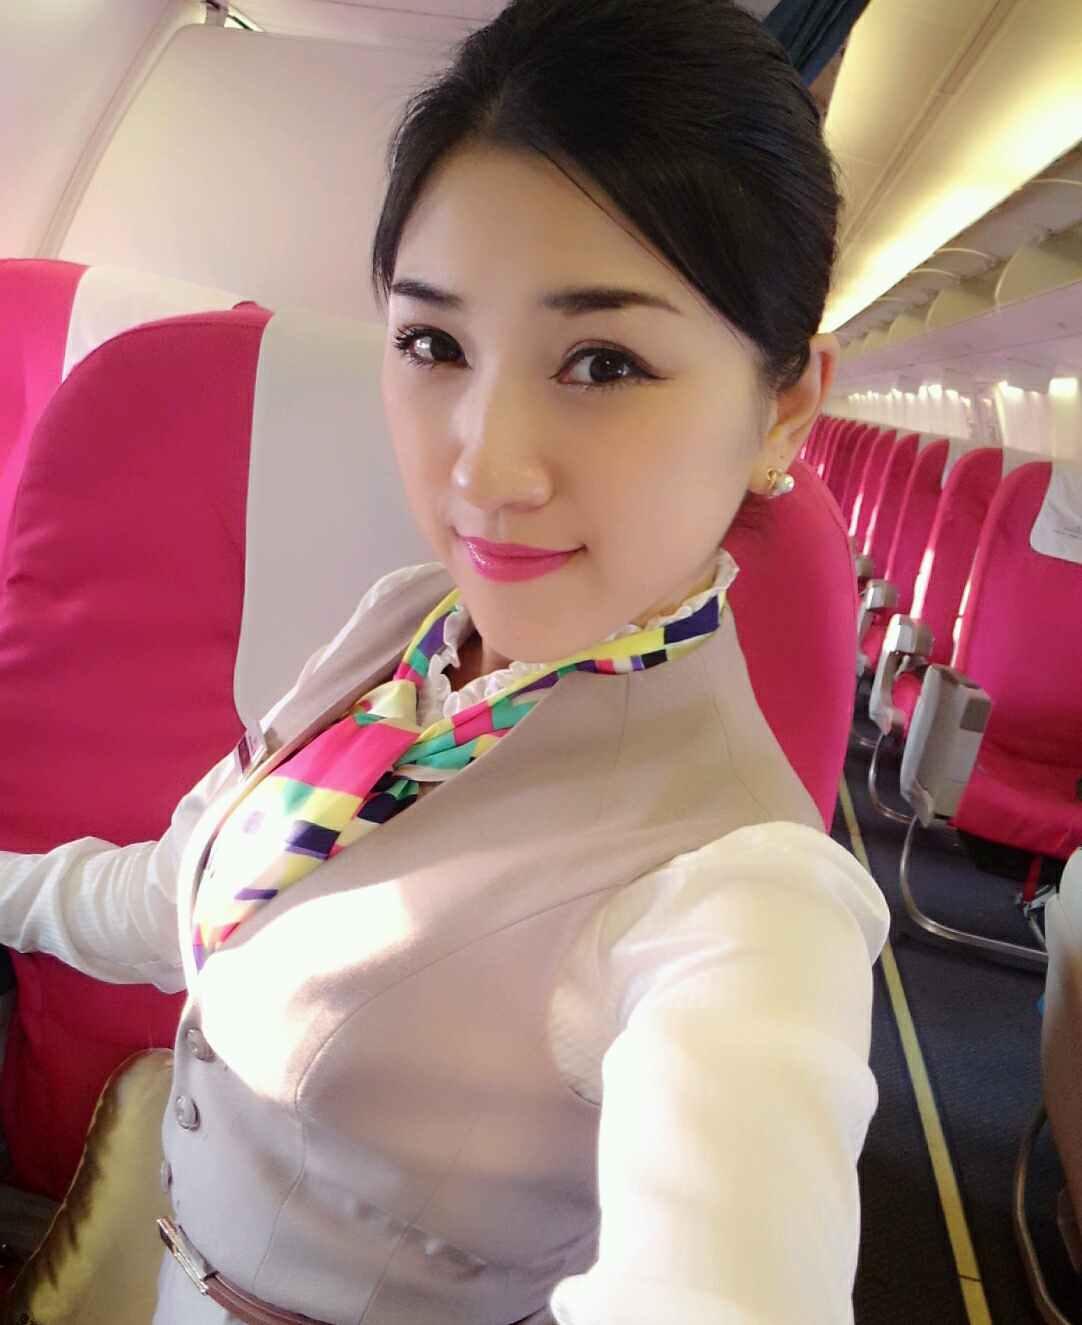 航空专业在成都哪里学比较好,航空专业的发展